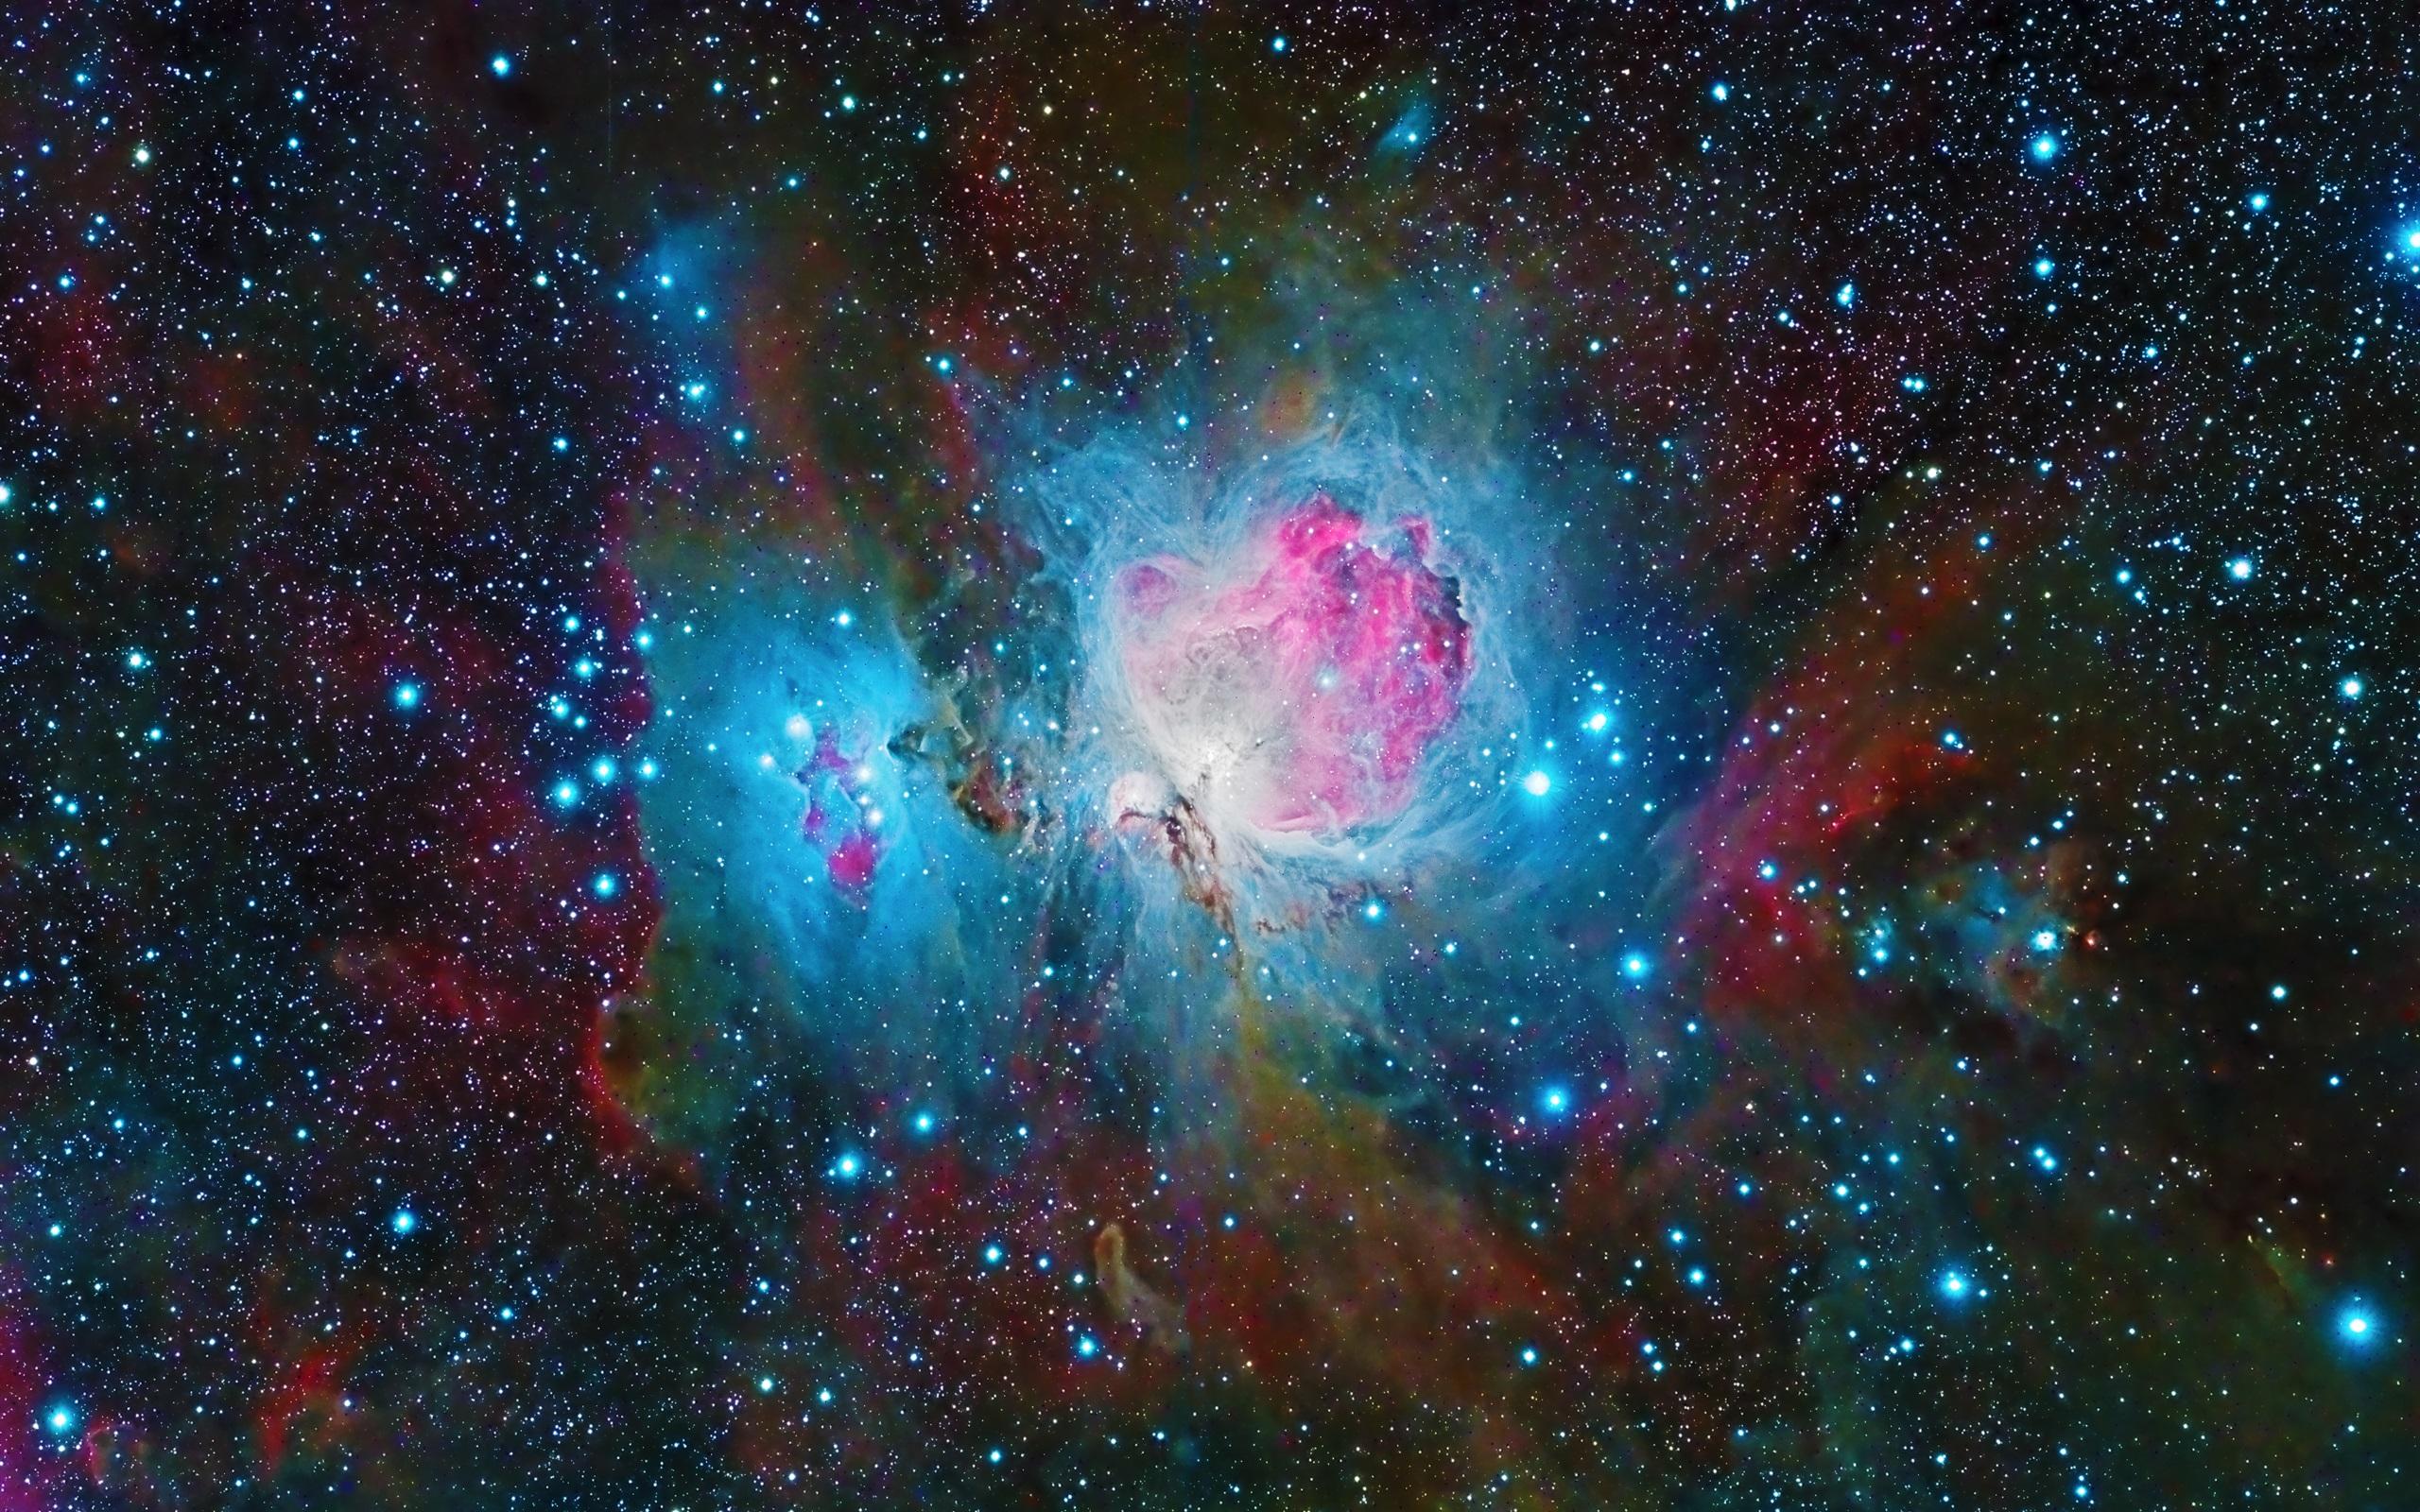 壁紙 オリオン星雲 美しい宇宙 星 3840x2160 Uhd 4k 無料の